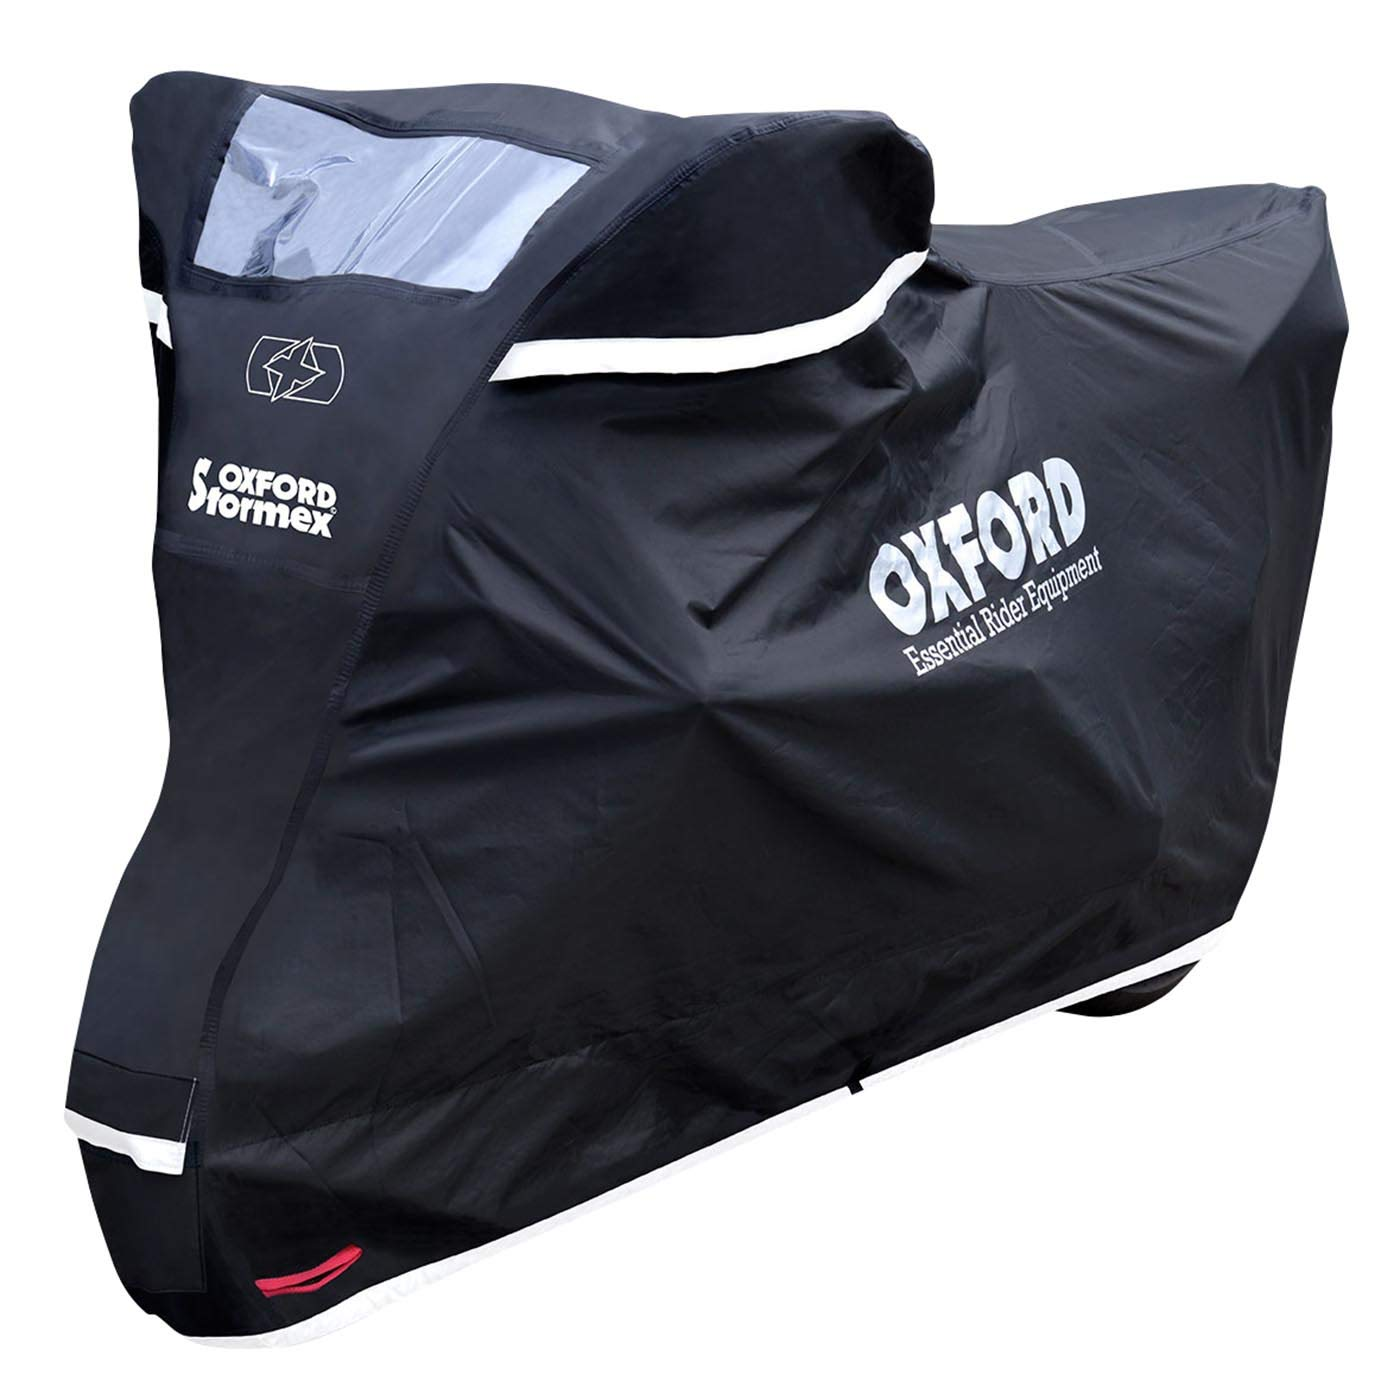 Oxford Stormex copertura per motocicletta impermeabile protettivo per tutte le condizioni atmosferiche X-Large nuovo modello 2016.